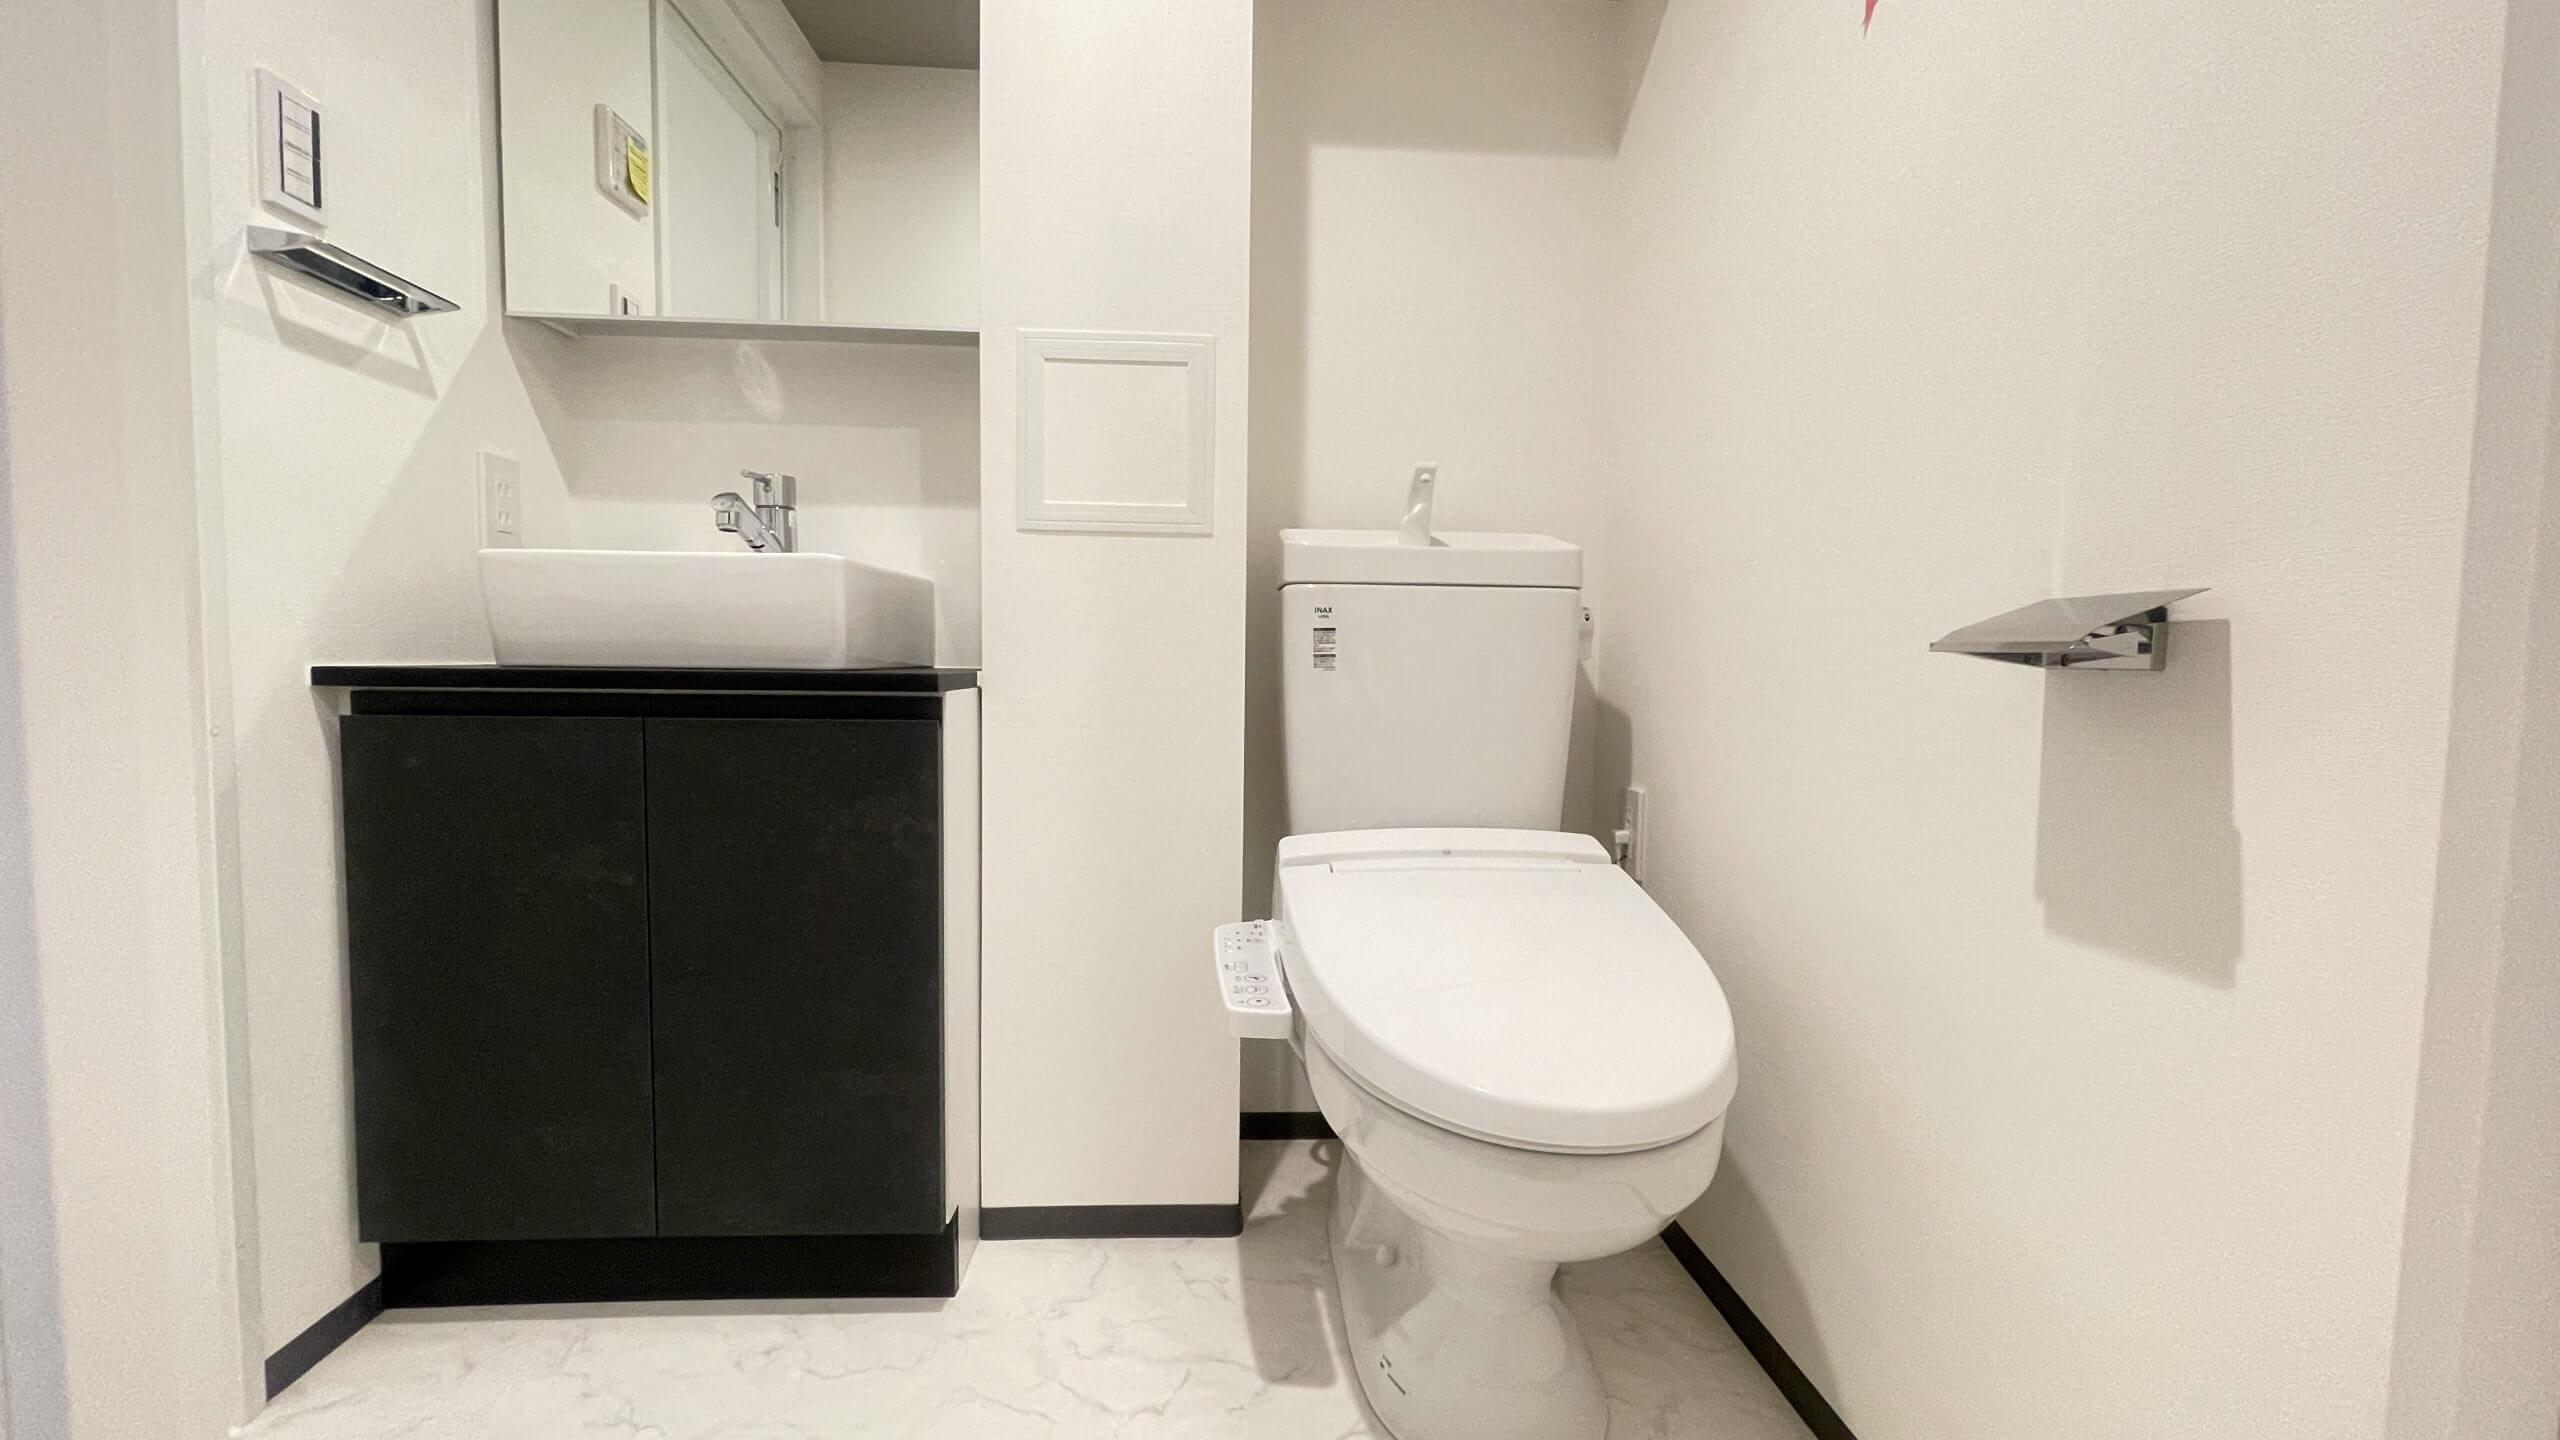 洗面とトイレが一緒になってるタイプ。 ありがたい独立洗面台!しかもおしゃれですにゃ。